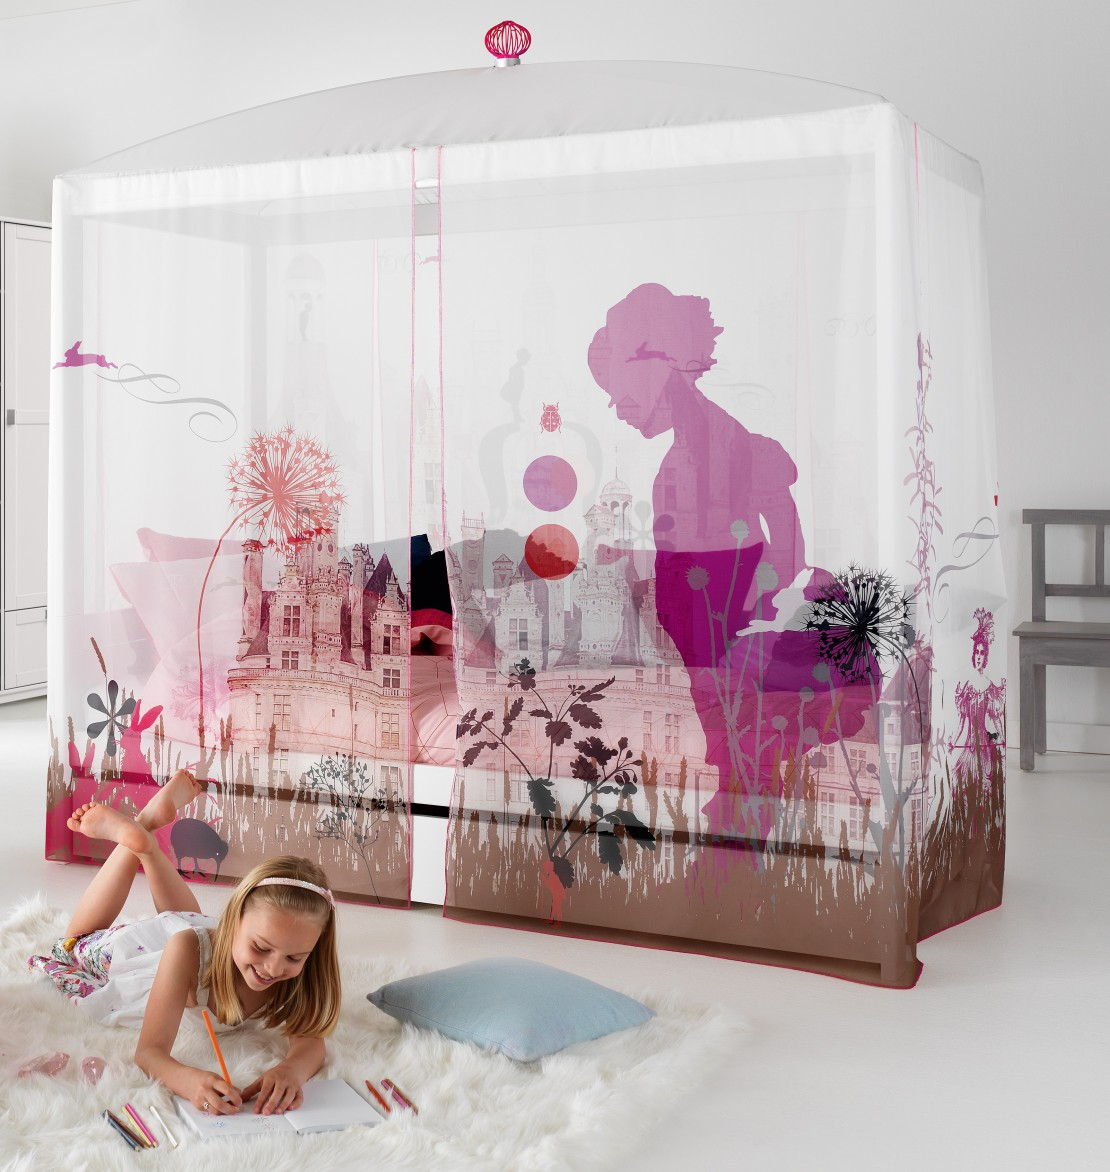 Nordica Flower letto baldacchino per bambine Belvi camerette Torino